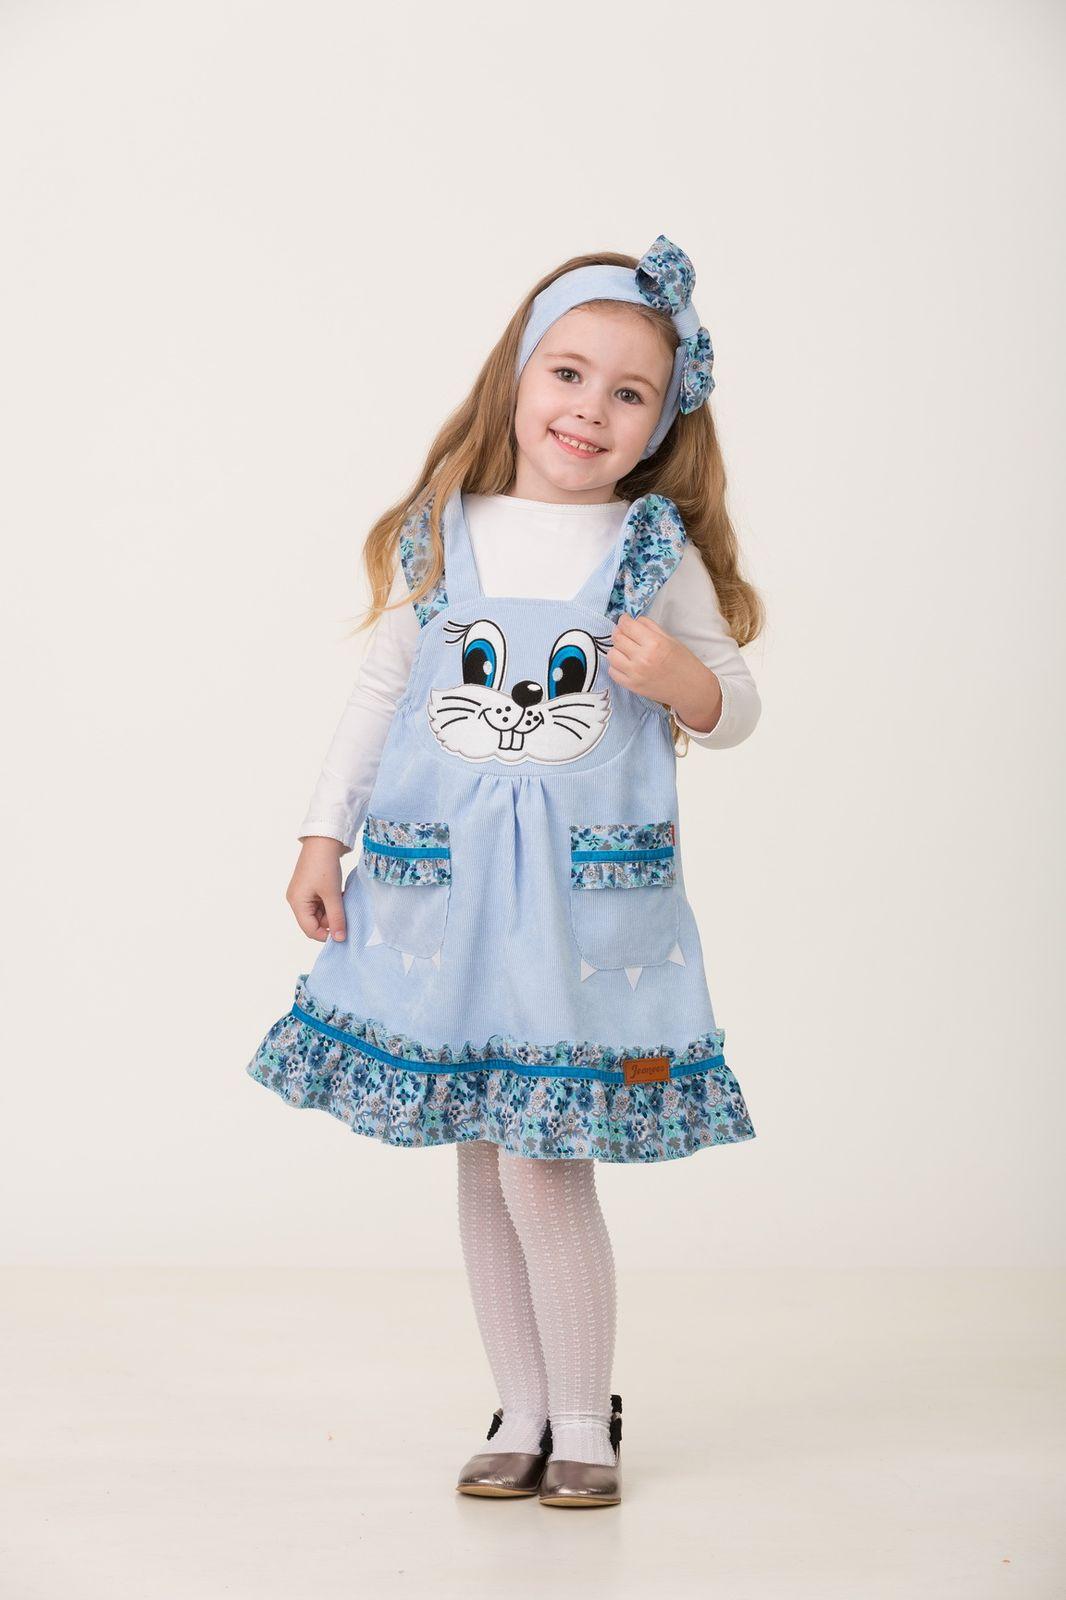 Карнавальный костюм Jeanees Зайка Капризка, цвет: голубой. Размер: 28 карнавальный костюм jeanees зайчонок хвастунишка цвет голубой размер 24